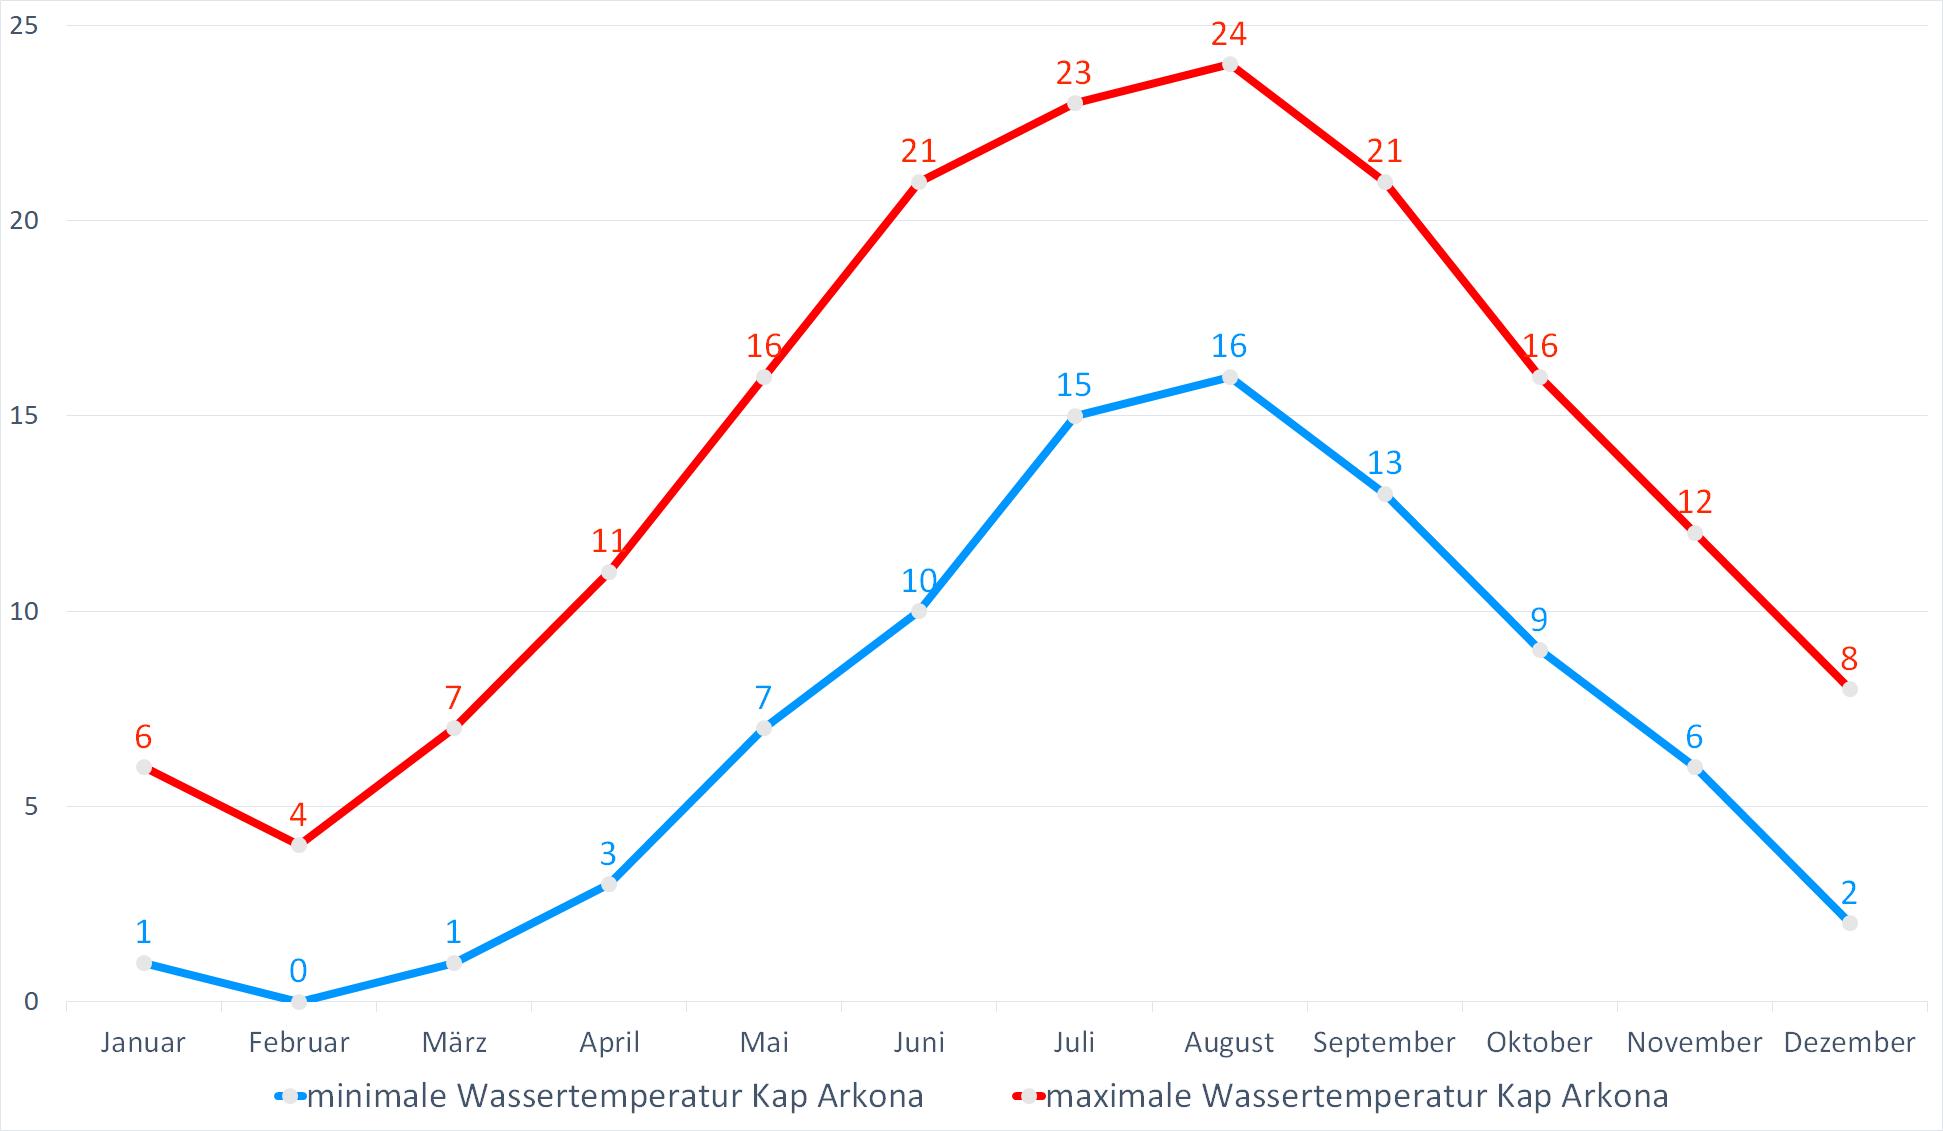 Minimale & Maximale Wassertemperaturen für Kap Arkona im Jahresverlauf